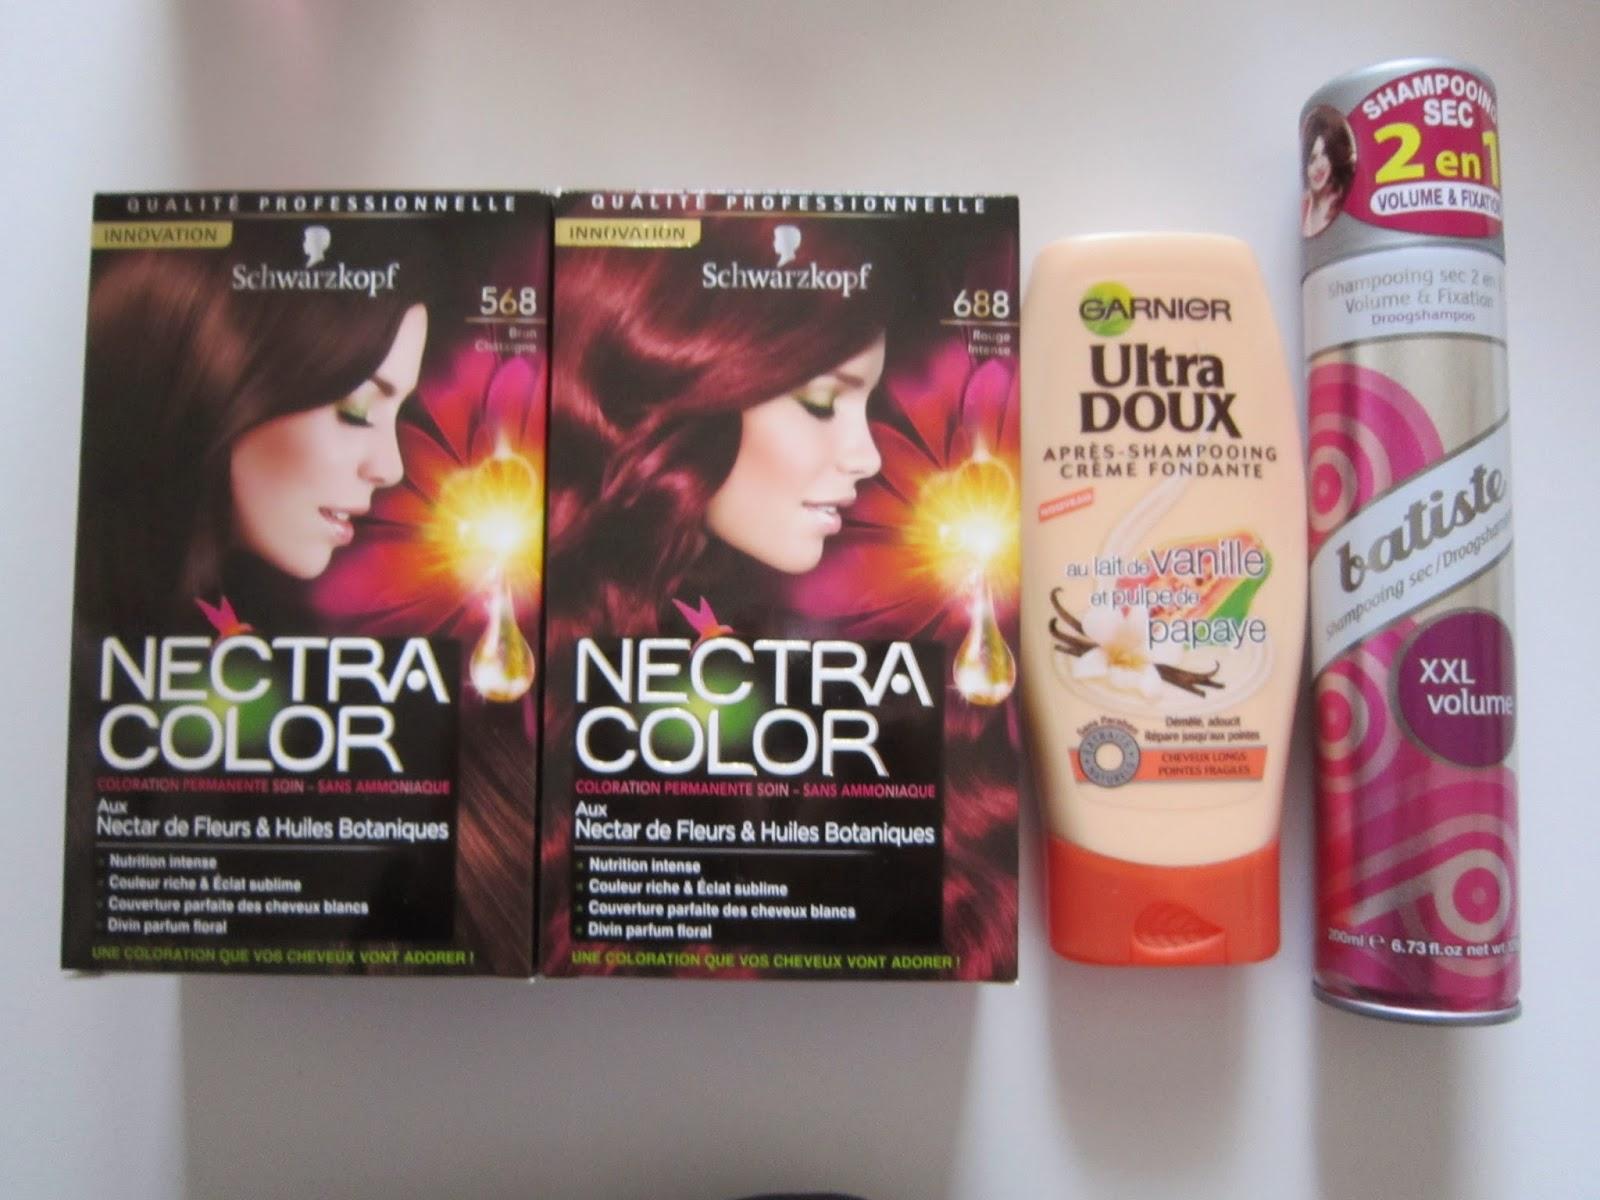 coloration nectra color rouge intense et brun chtaigne au nectar de fleurs et huiles botaniques 395e lunit - Coloration Leclerc